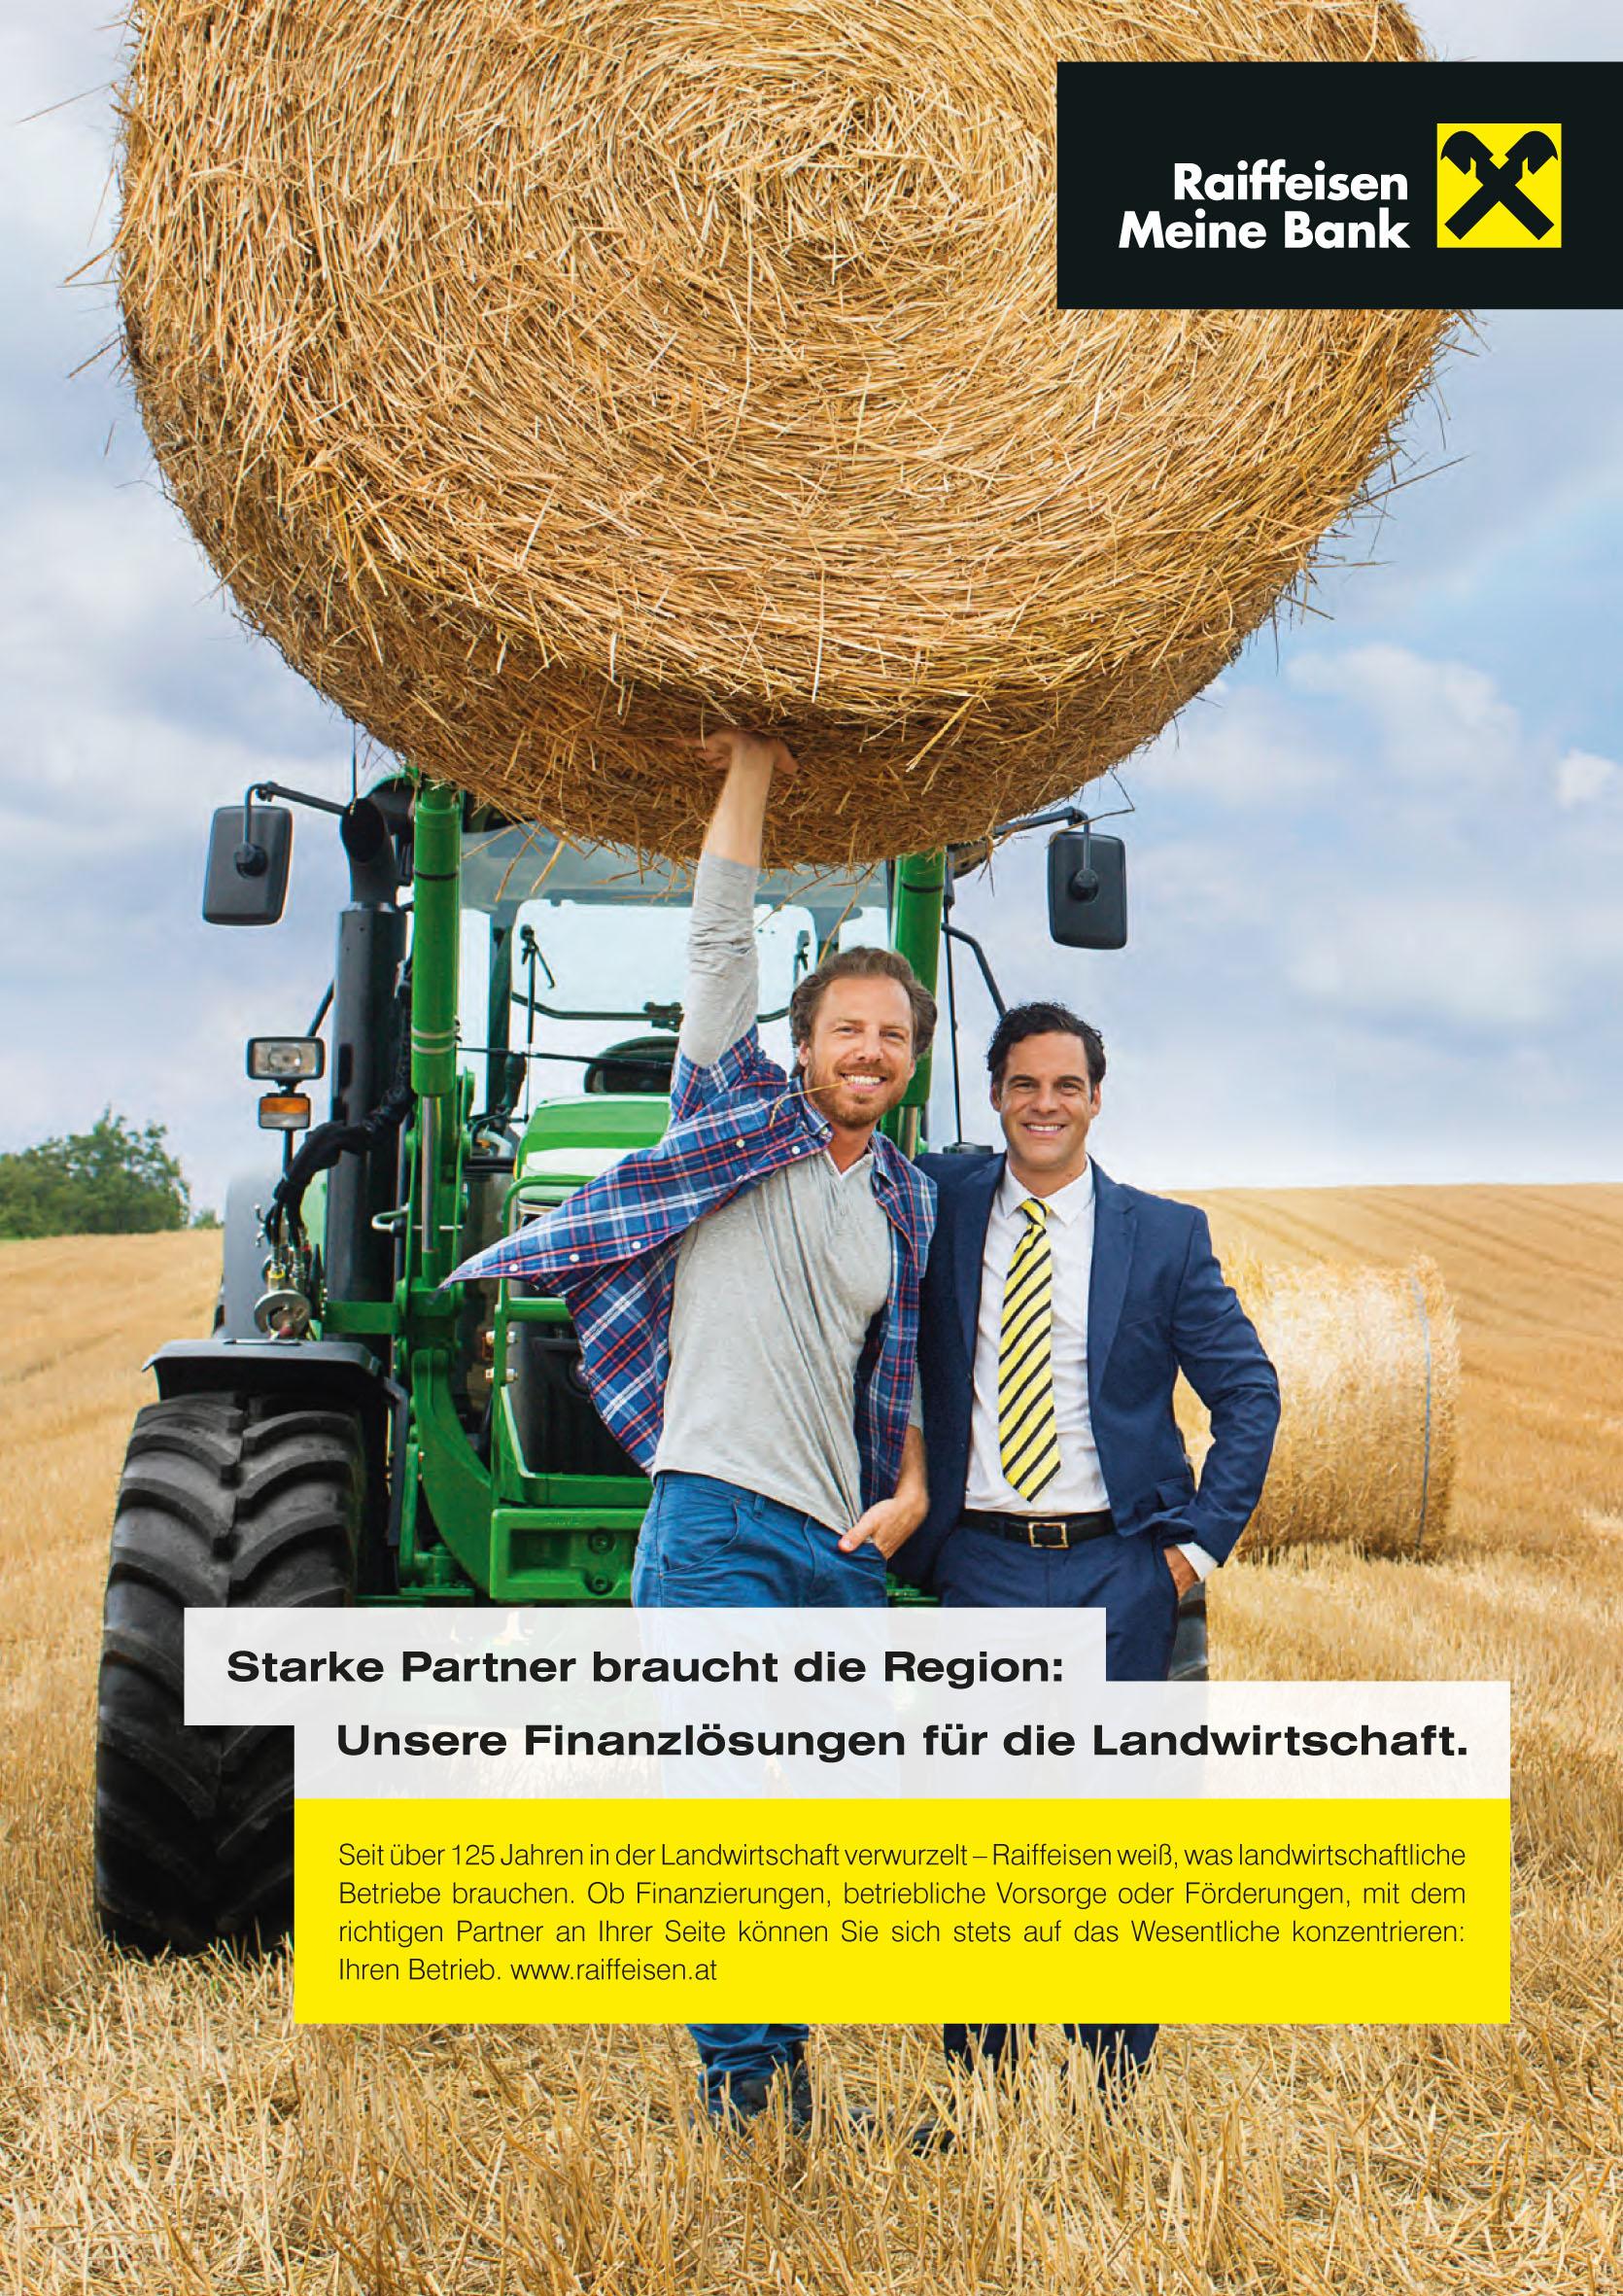 ZRW_Agrarwirtschaft2014_AZ_210x297abf_Ansichtspdf